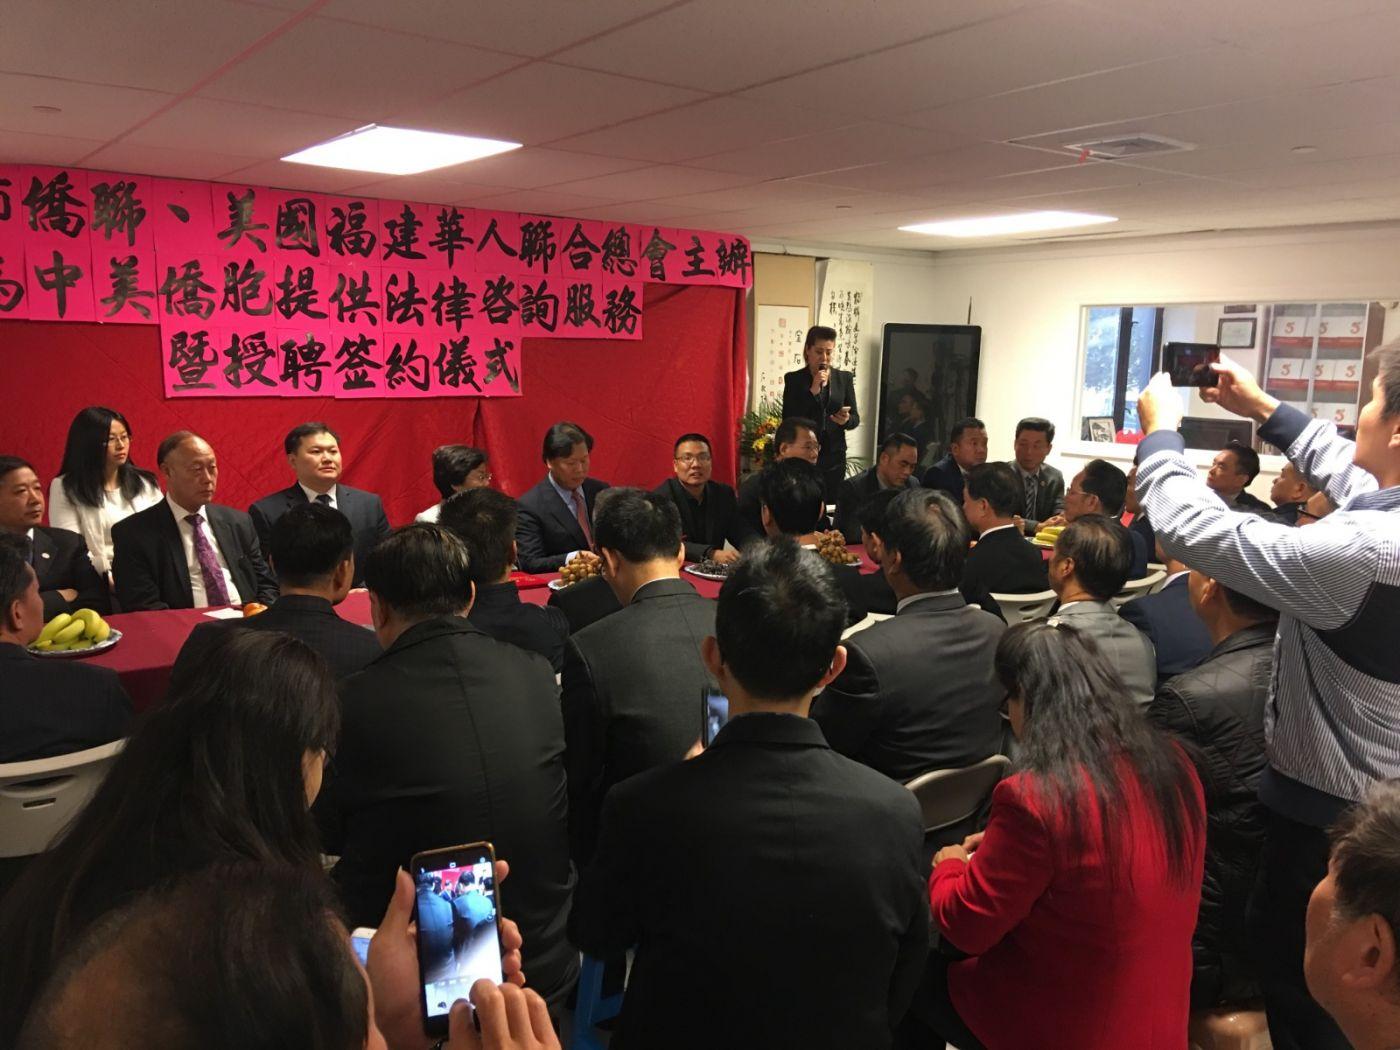 美国福建华人联合会欢迎福州市侨联主席蓝桂兰访美代表团一行 ... ..._图1-6